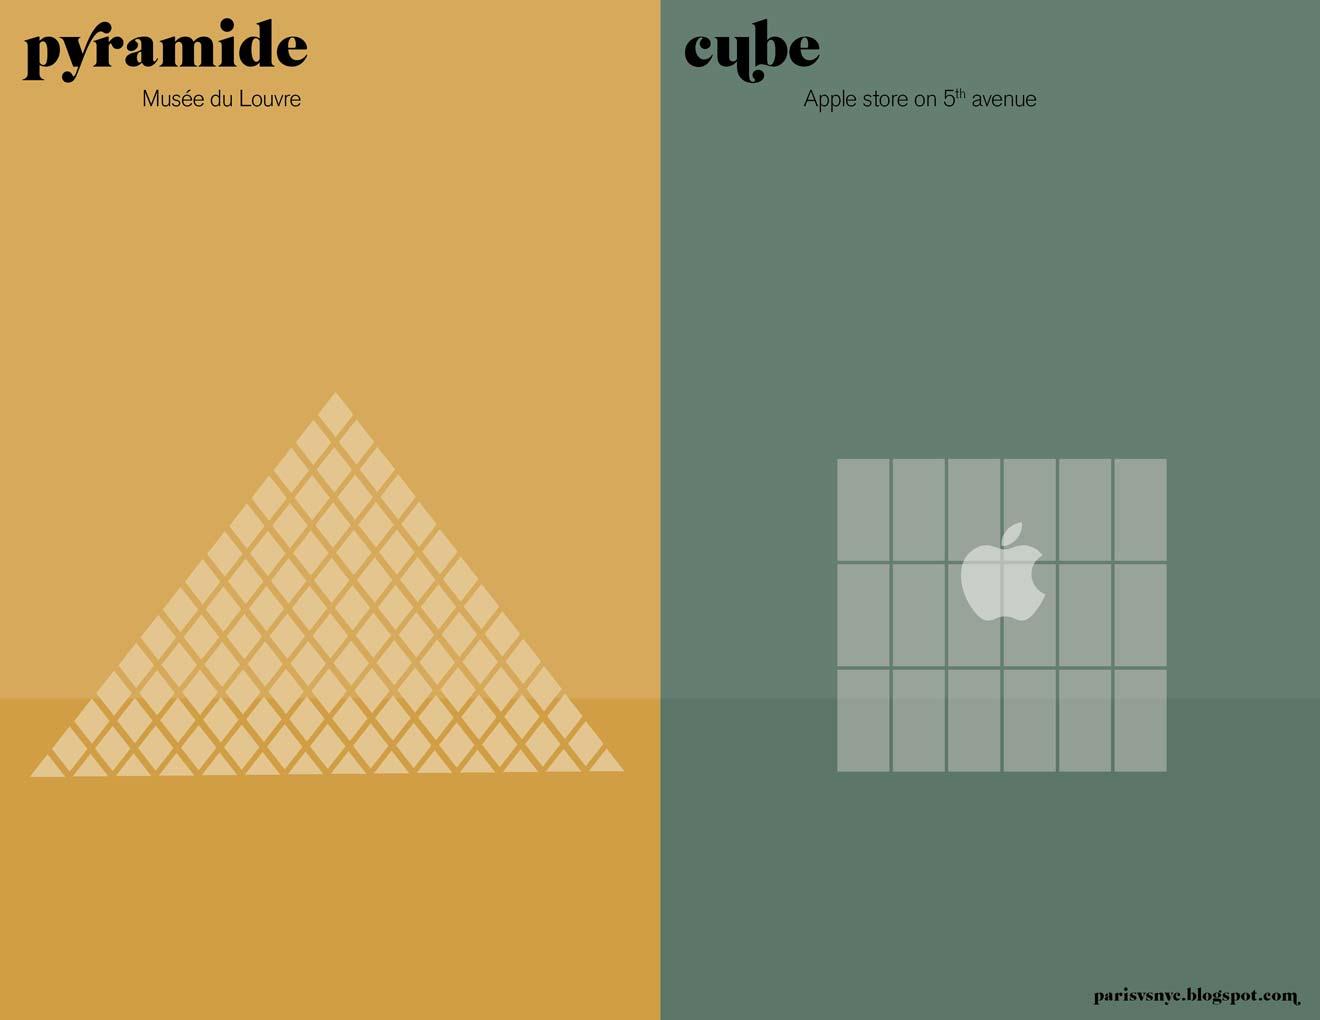 louvre_apple-paris-new-york-bon-ton-viaggiatori-educati-maleducati-viaggio-galateo-buone-maniere-non-si-dice-piacere